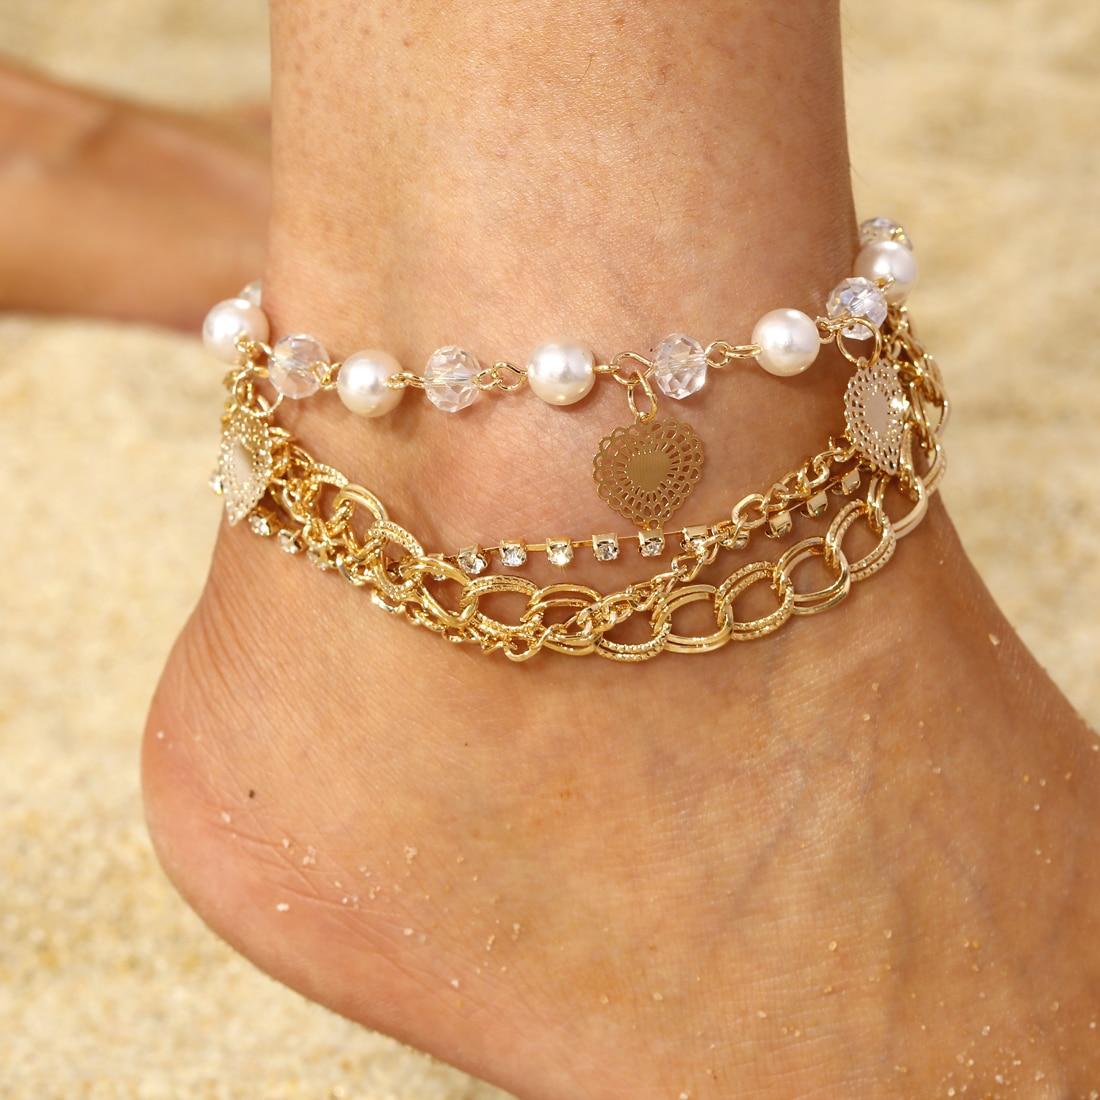 VertrauenswüRdig Schöne Multi-schicht Link Kette Kristall Perlen Fußkettchen Armband Sommer Strand Herz Fußkettchen Für Frauen Liebhaber Geschenke